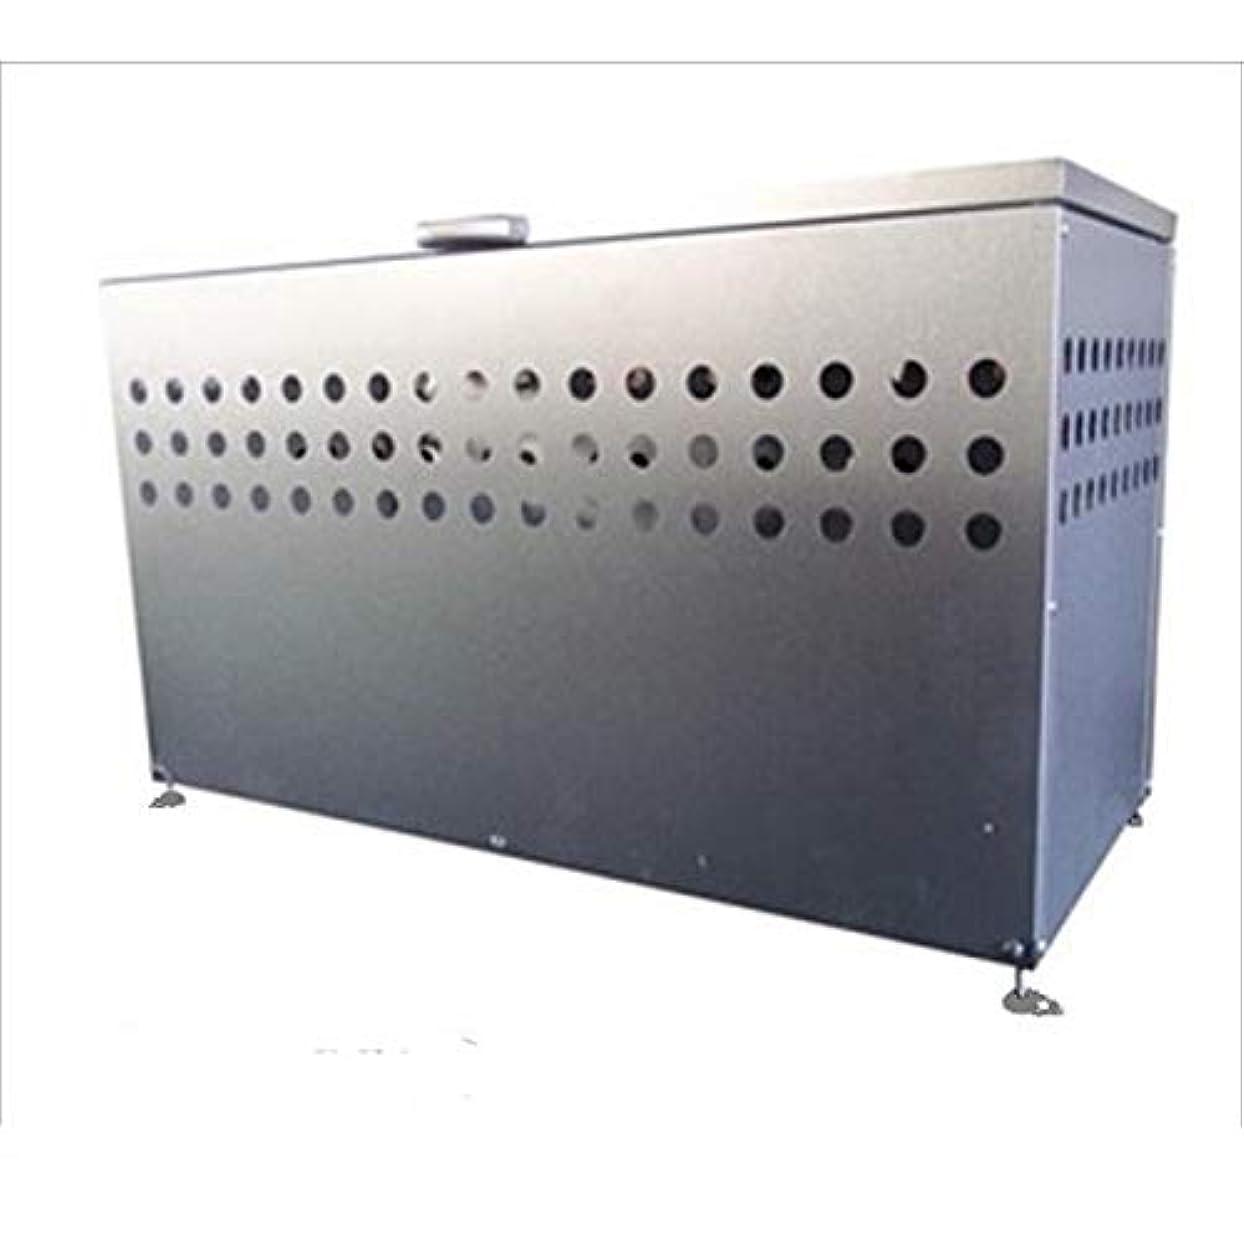 学校立方体校長メタルテック ガルバ鋼板製 ふた付 ダストボックス DST-1100 300L 『ゴミ袋(45L)集積目安 6袋、世帯数目安 3世帯』 『ダストボックス ゴミステーション 屋外』